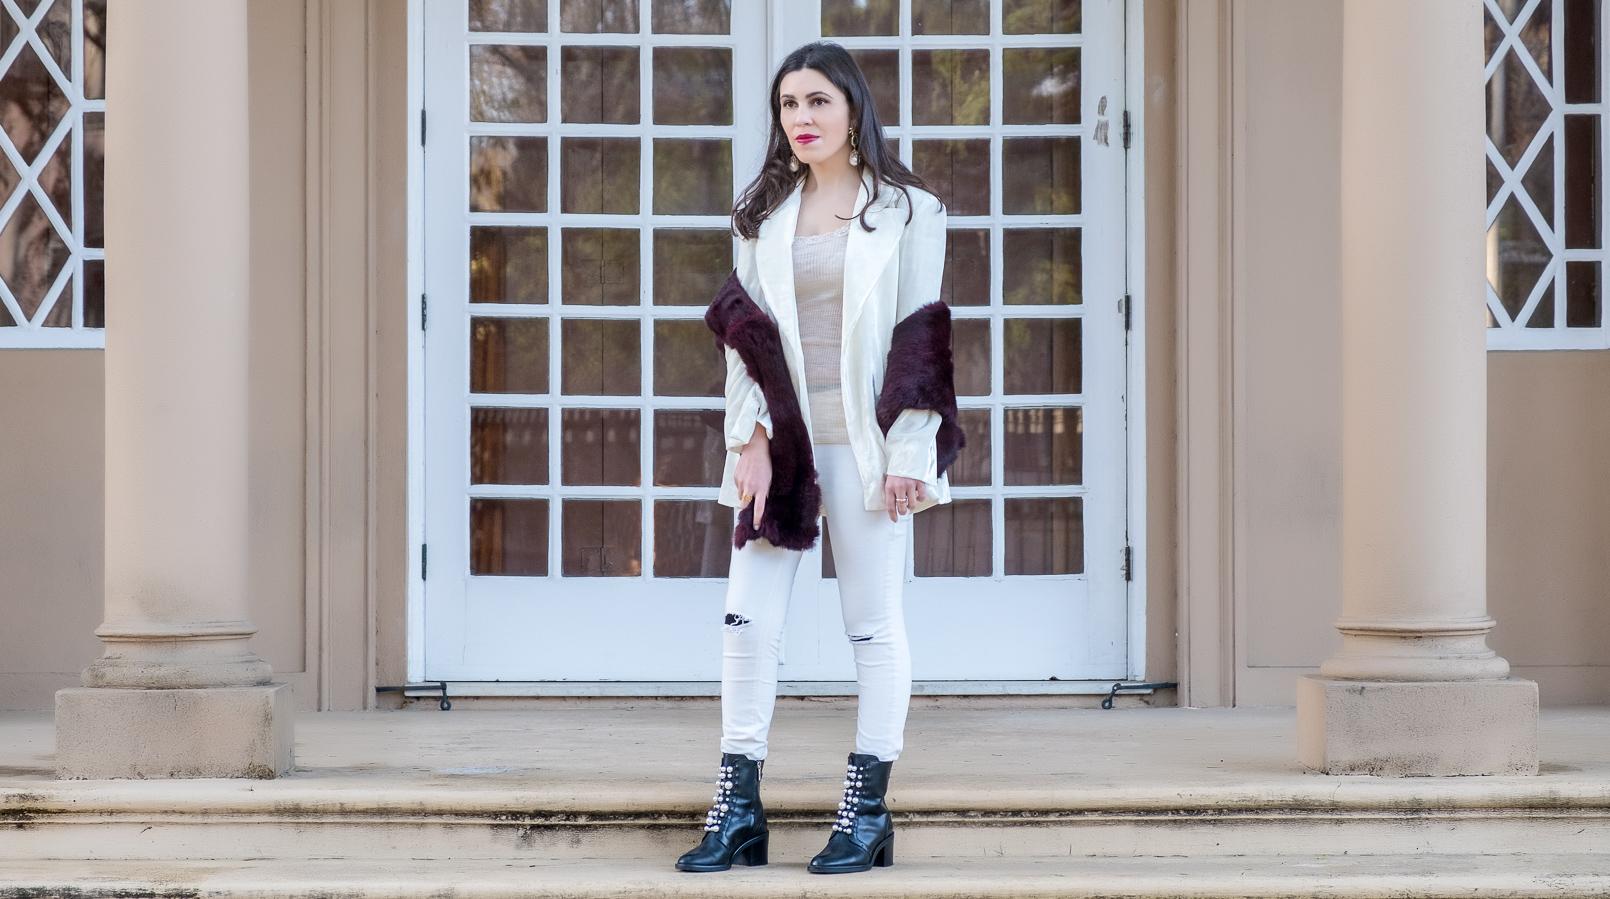 Le Fashionaire Duas peças para vestir em Janeiro blazer branco oversized veludo mango premium calcas brancas rasgoes mango botins pretos pele perolas brancas salto alto zara estola cor vinho sfera 7252F PT